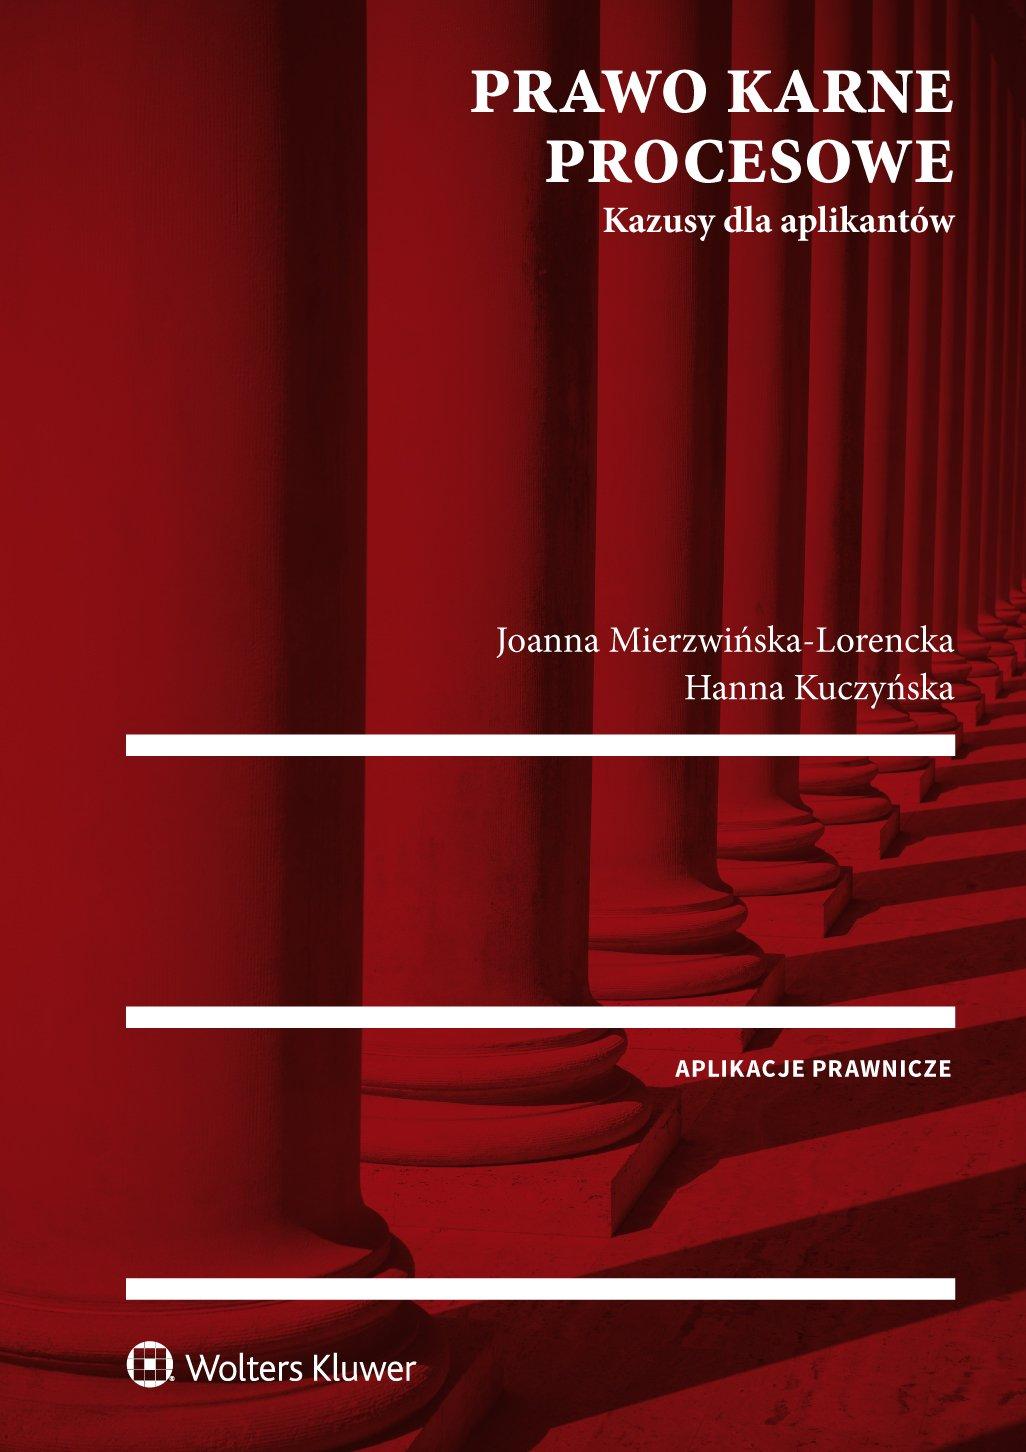 Prawo karne procesowe. Kazusy dla aplikantów - Ebook (Książka PDF) do pobrania w formacie PDF